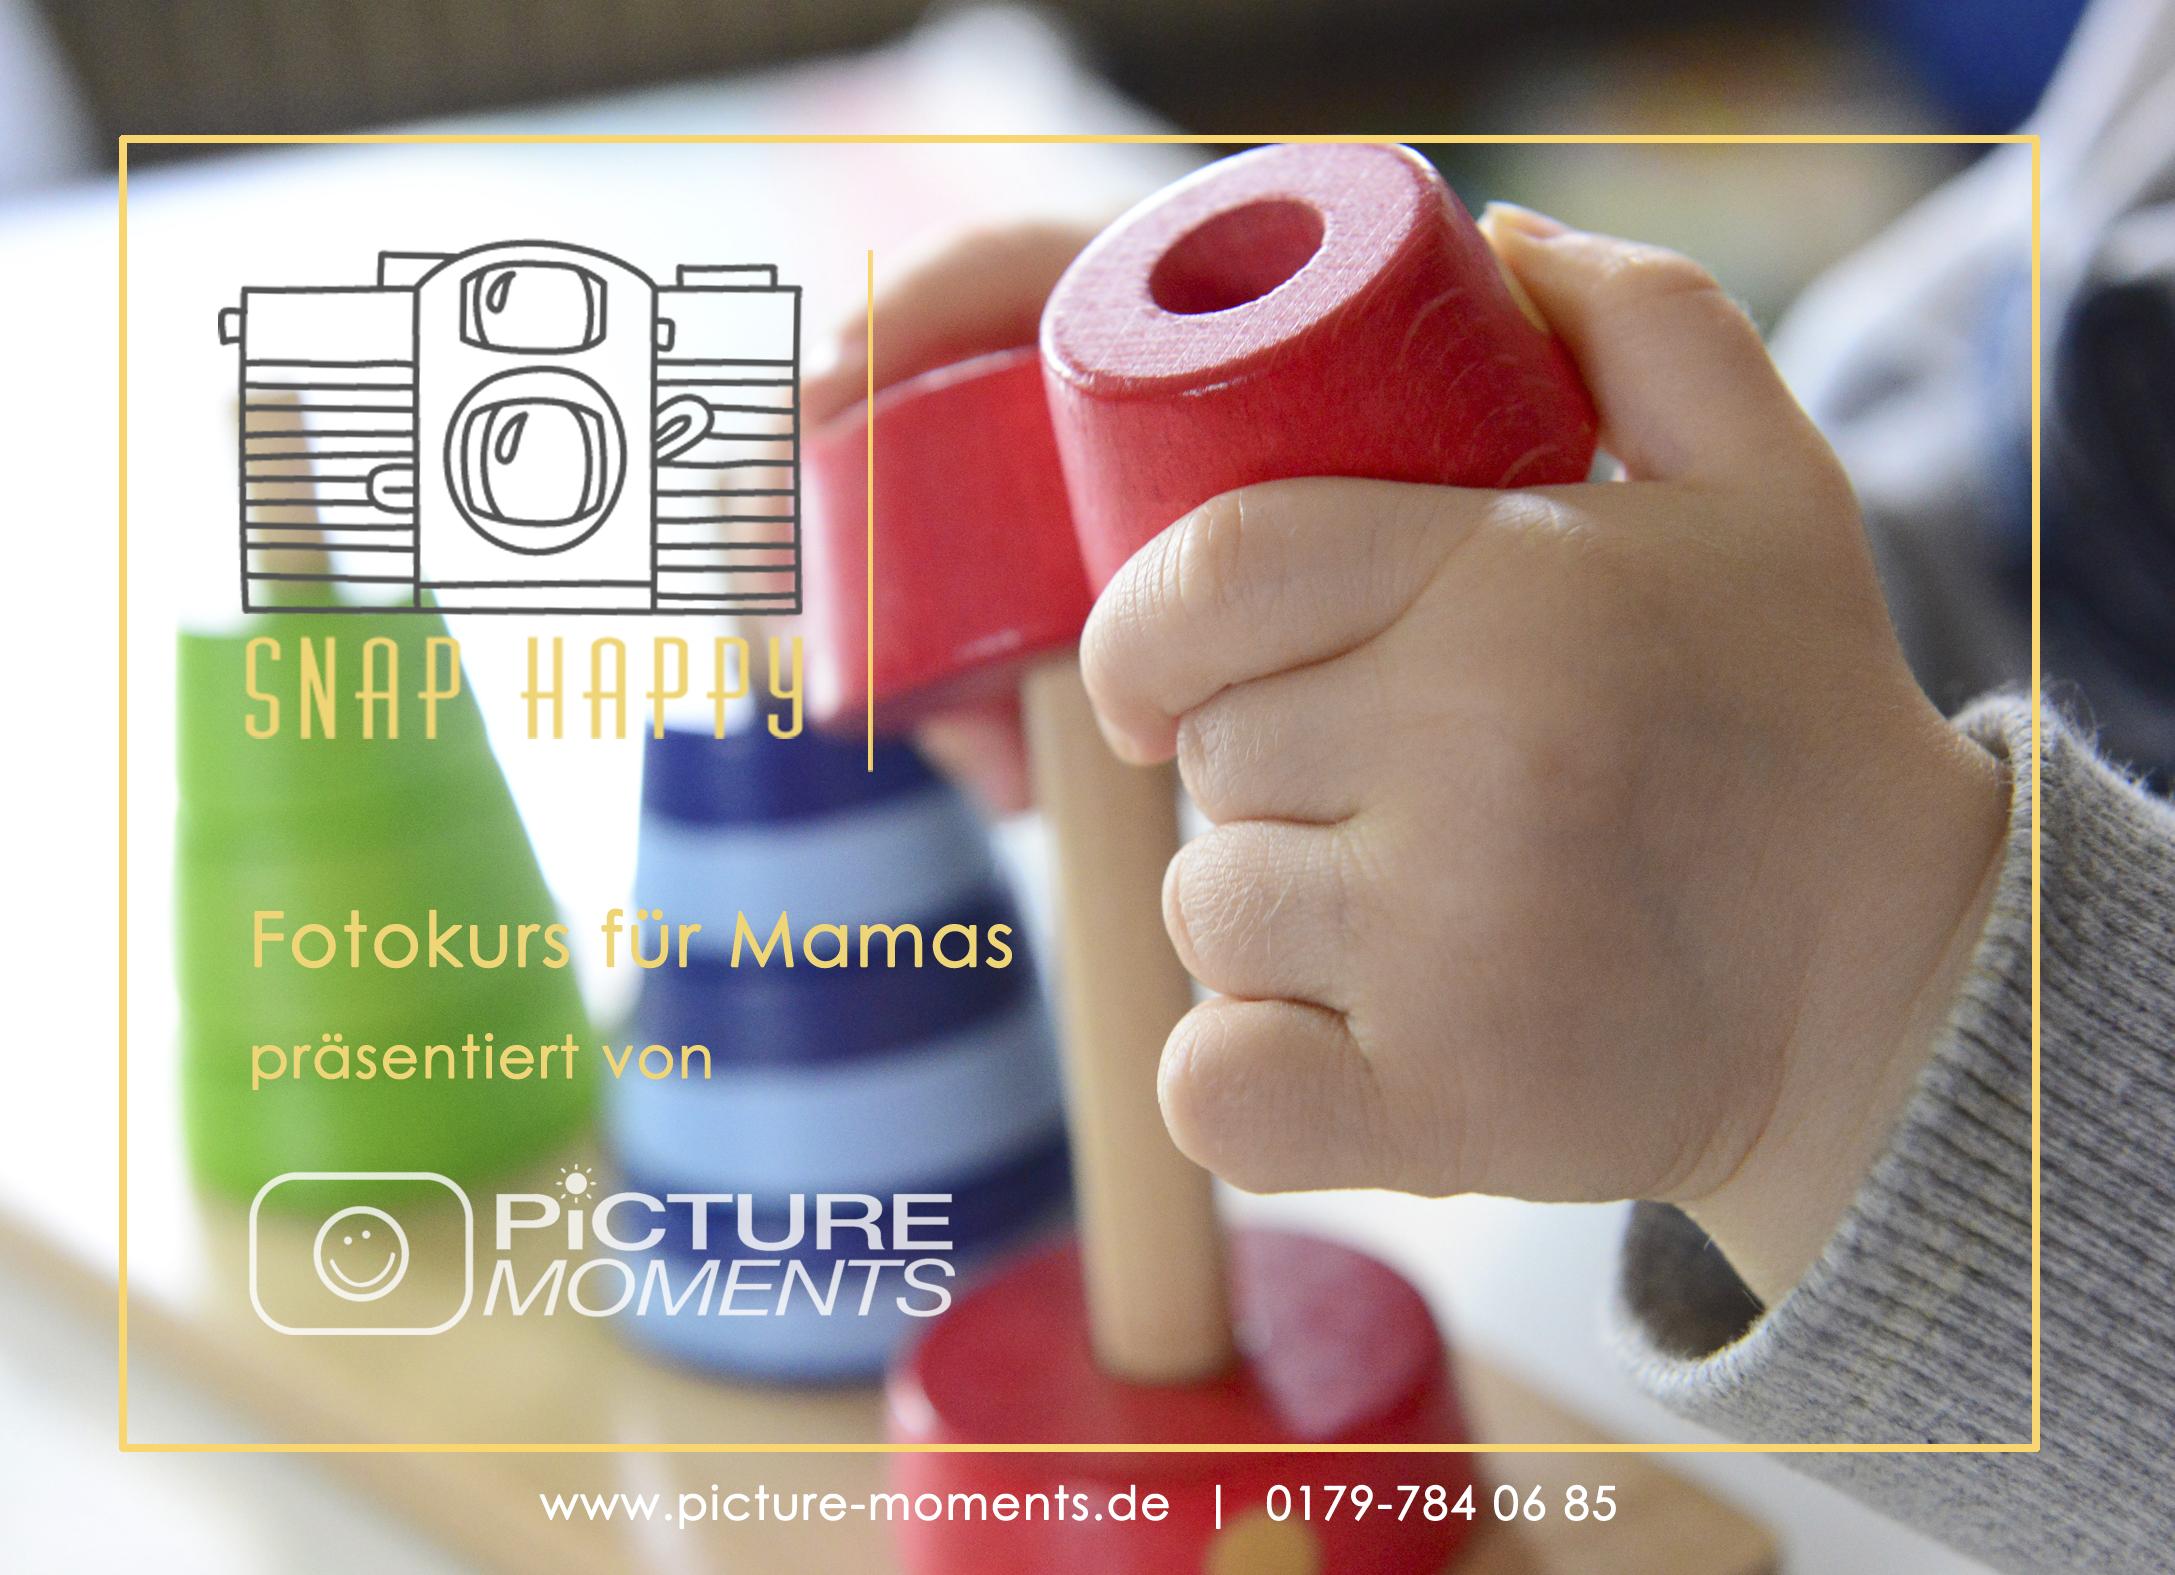 Fotokurs für Mamas, Snap Happy, Fotokurs für Einsteiger